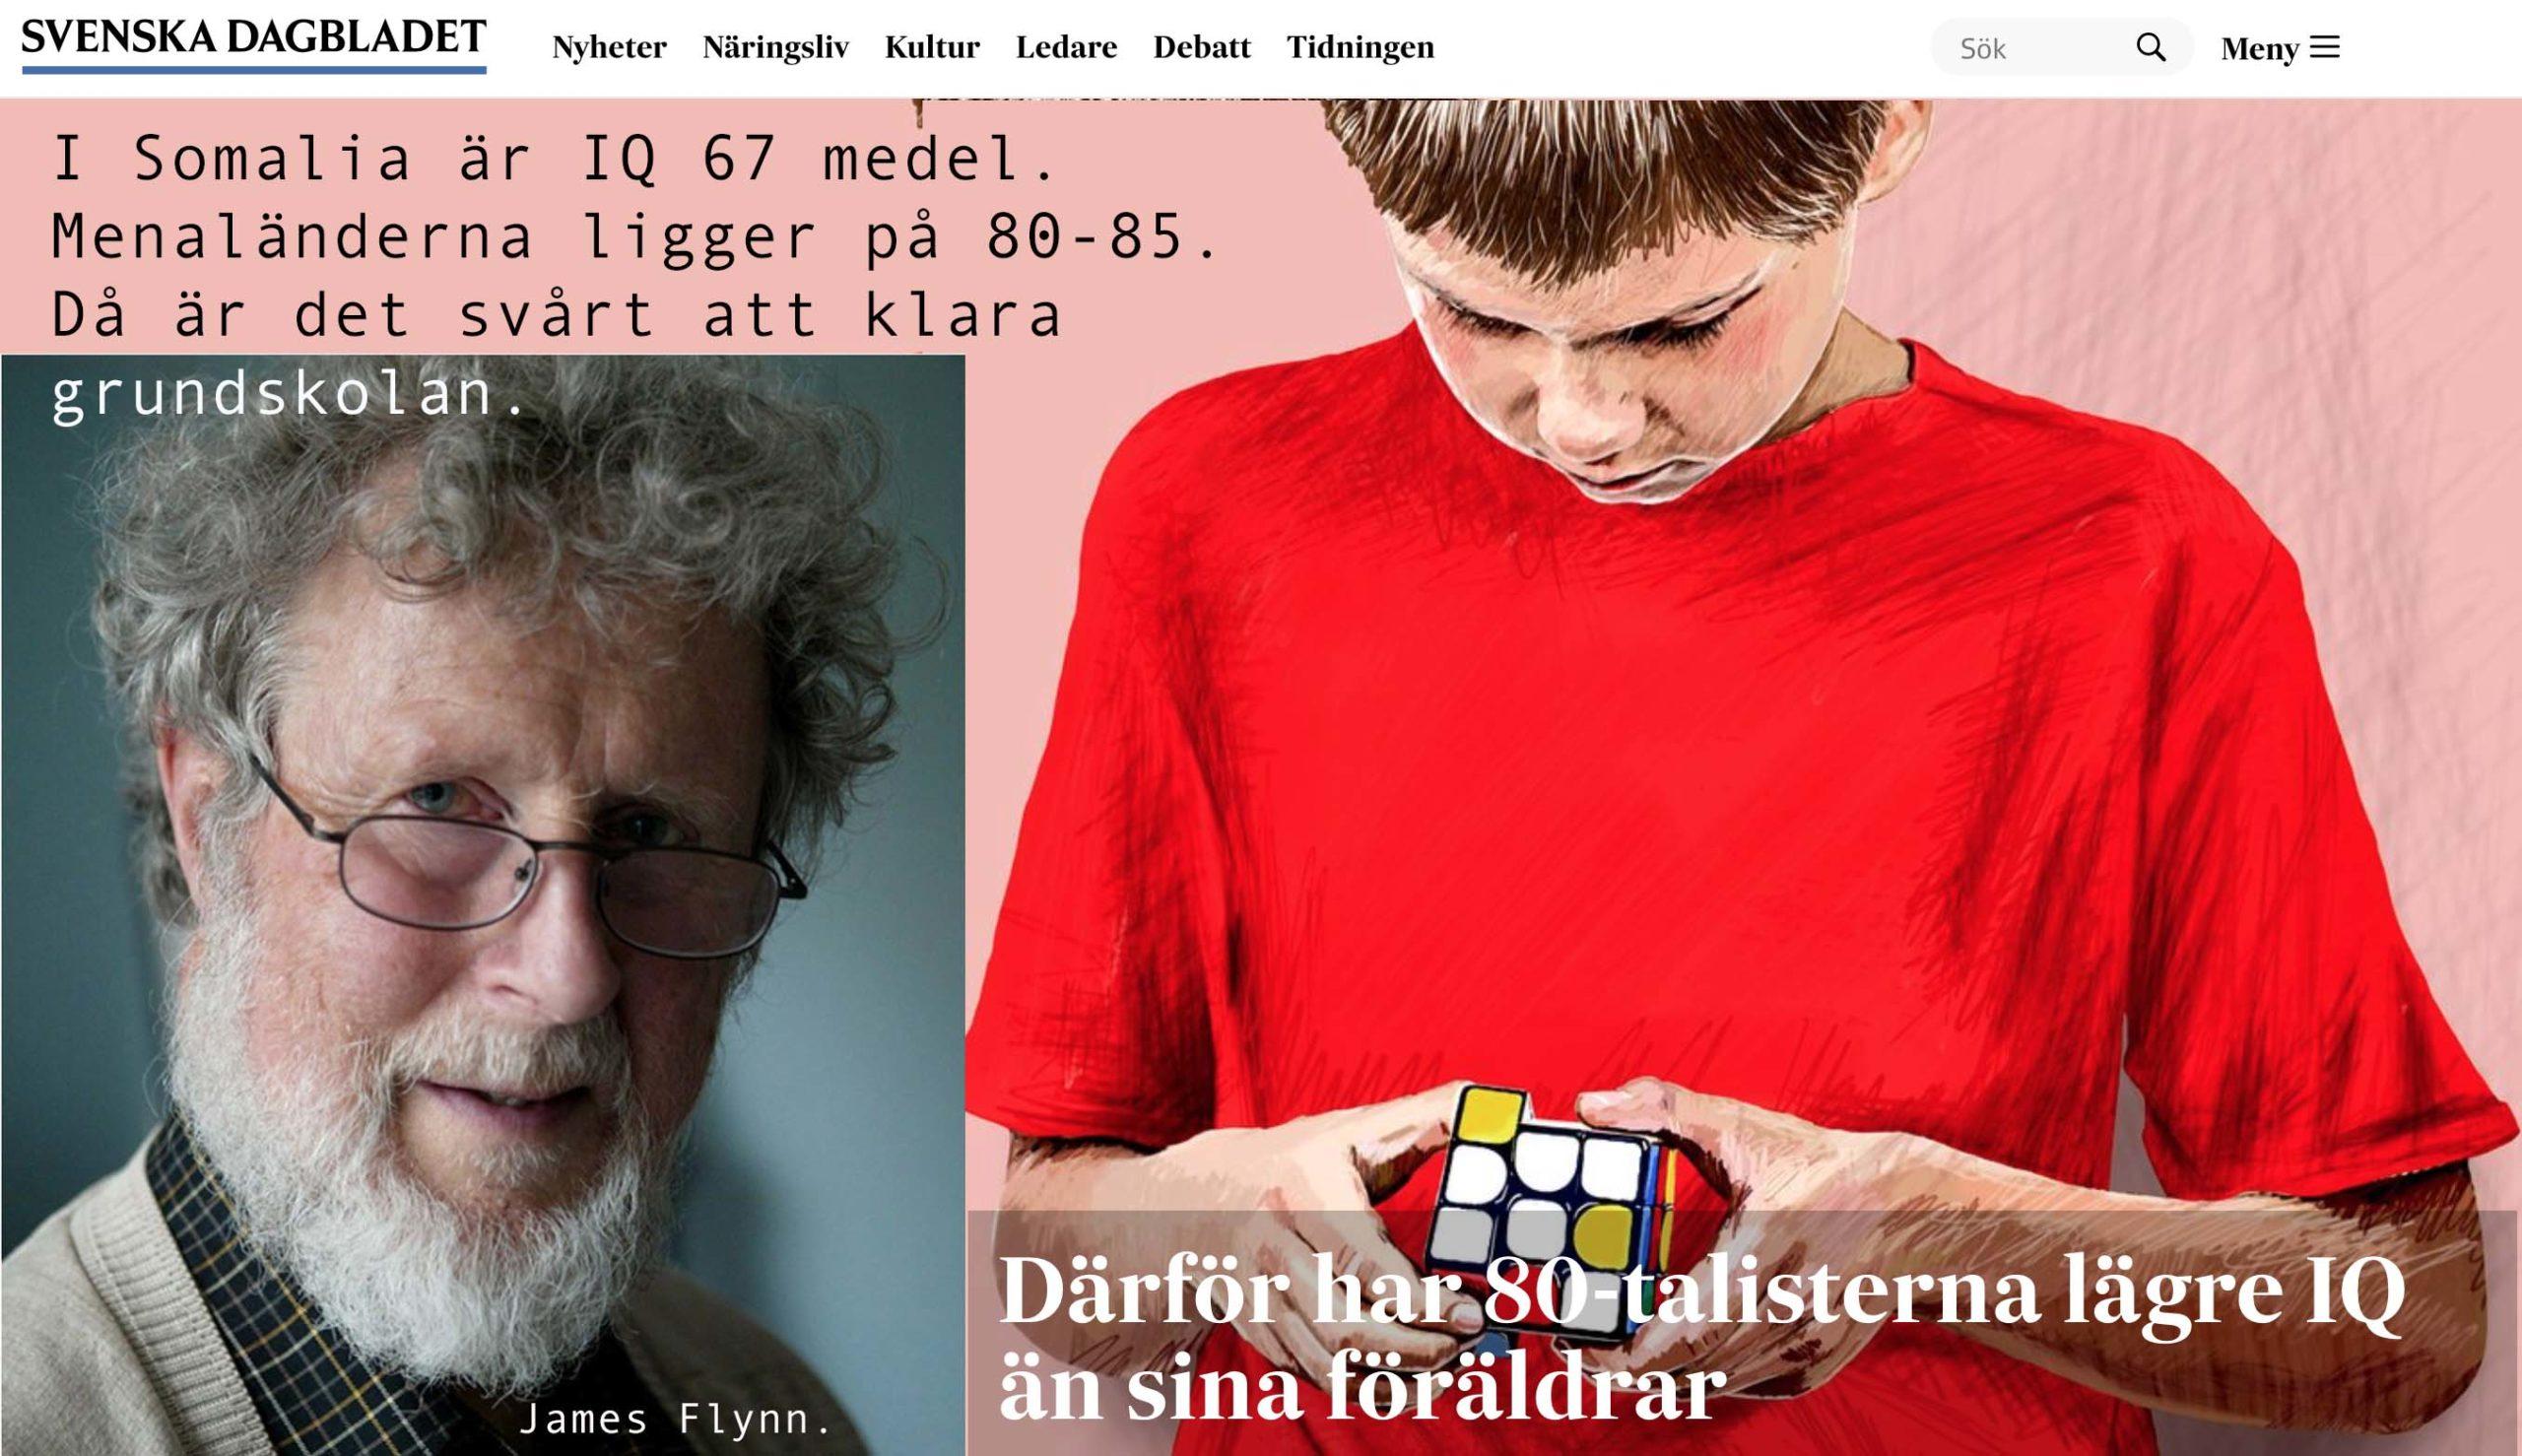 Mellan födda 1962 och 1991 har IQ minskat med 6,85. Vad gör vi åt det?